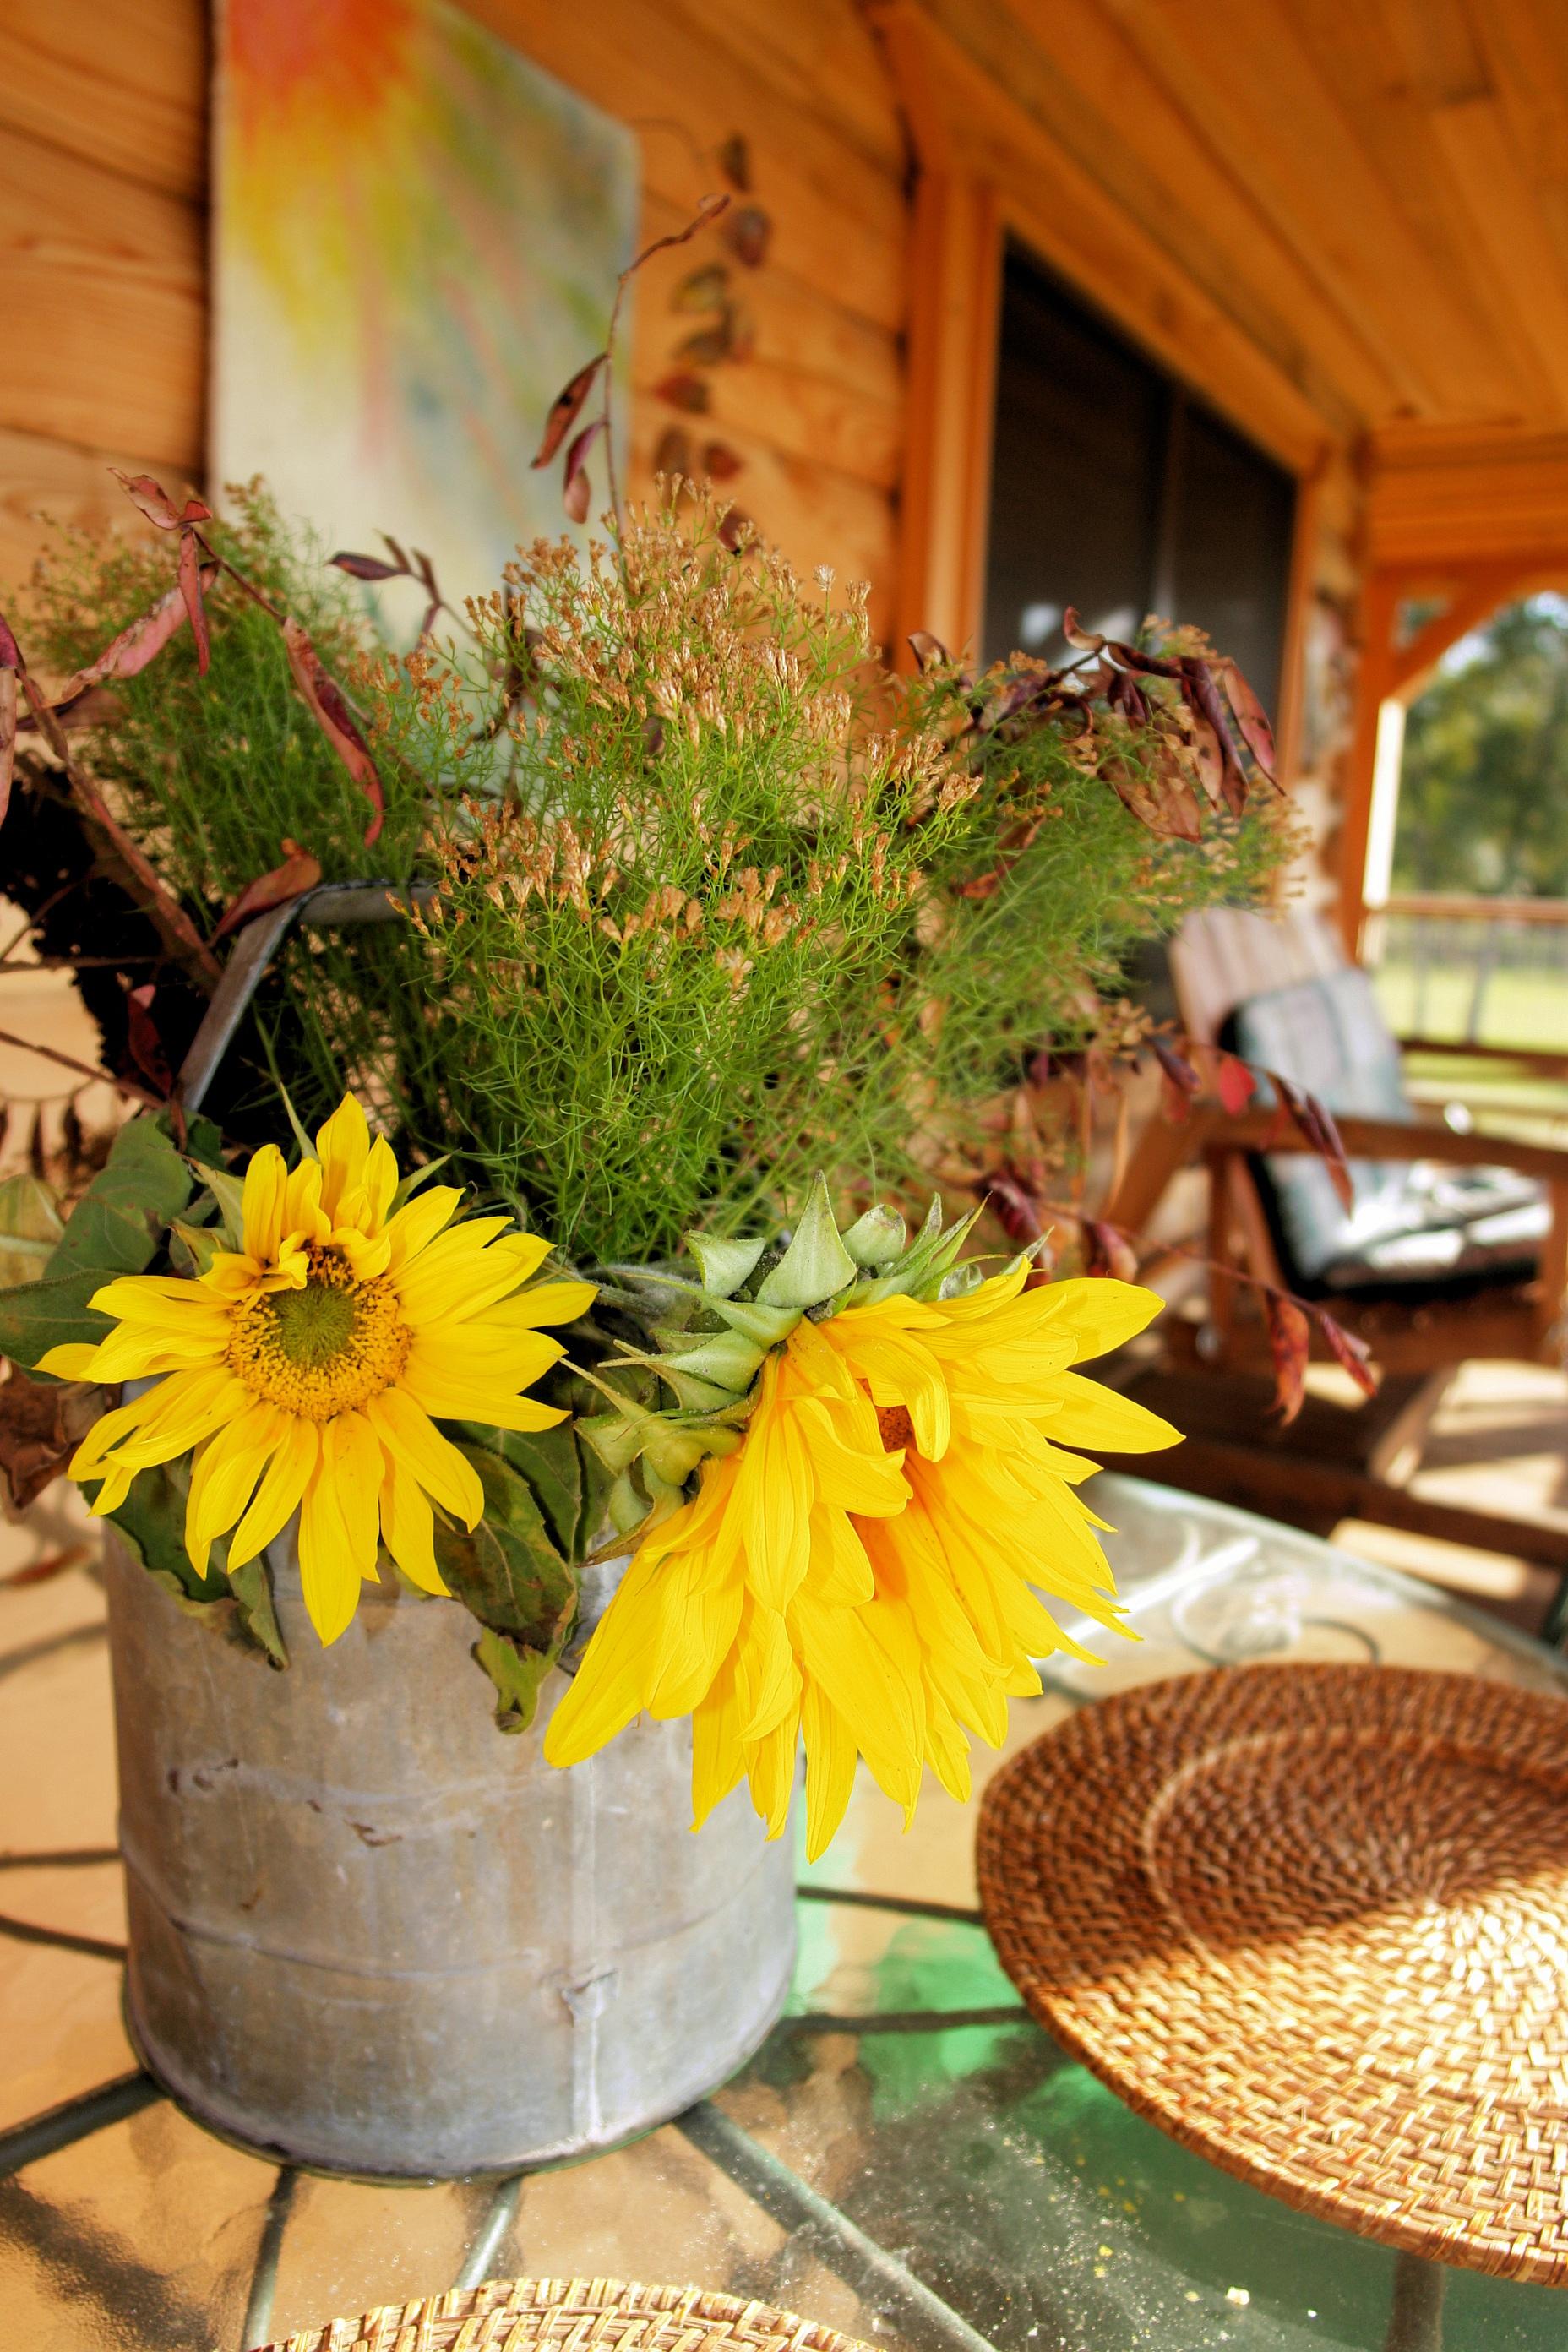 Images Gratuites La Nature De Plein Air Plante Ferme Campagne Fleur Pays T Rural